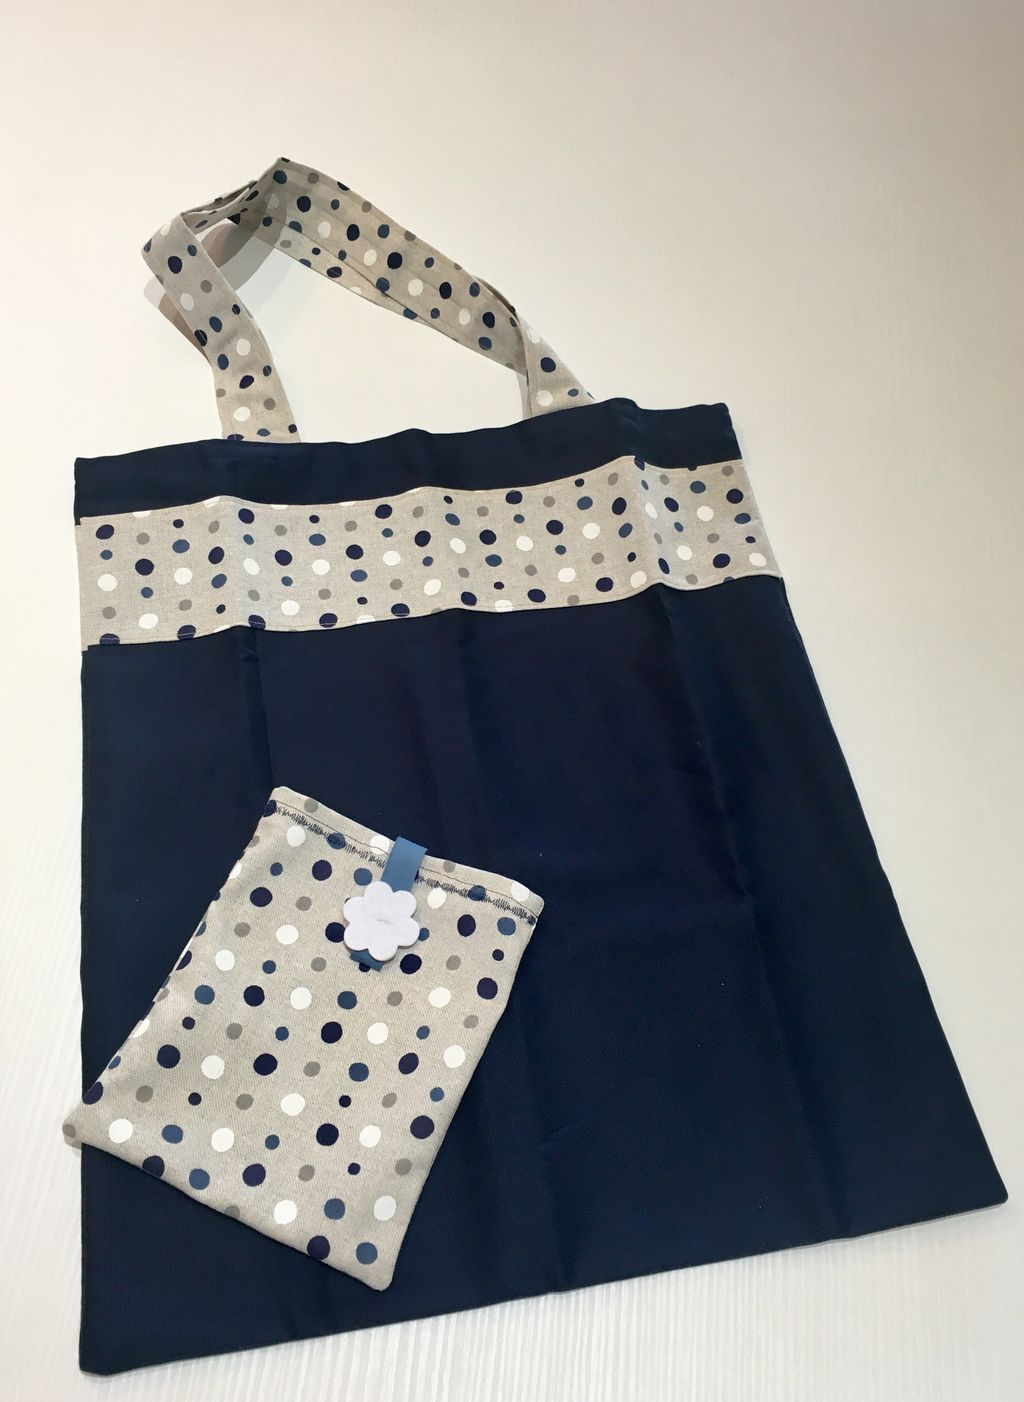 Shopping Bag blu con banda a pois - Shopping Bag blu con banda a pois